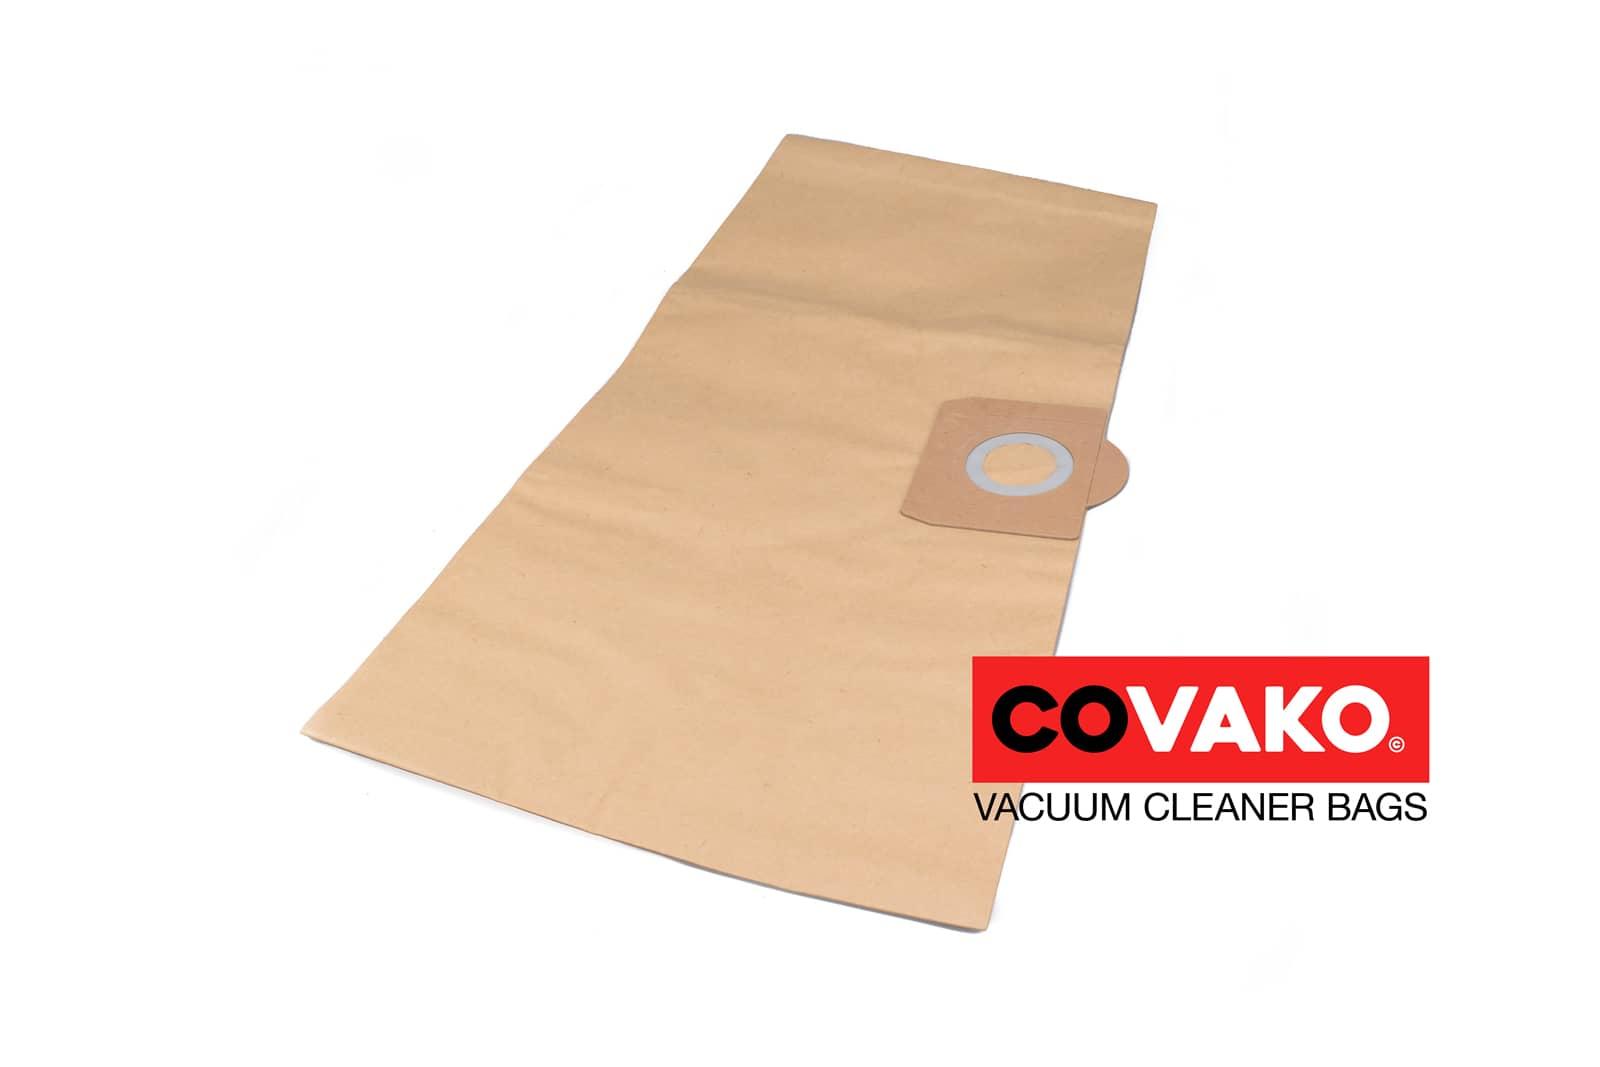 Fakir IC 314 / Paper - Fakir vacuum cleaner bags